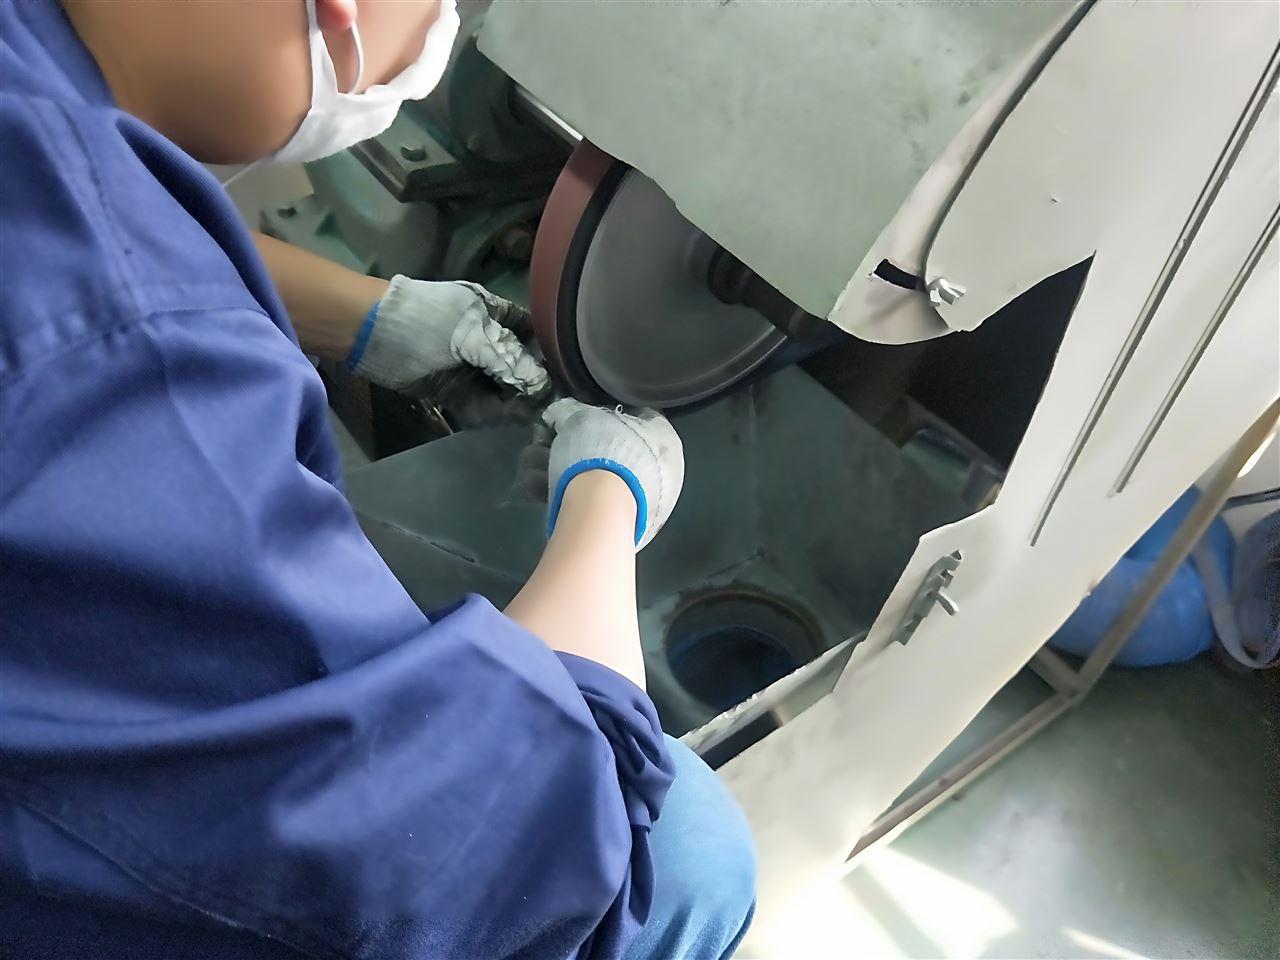 磨床吸尘器 平面工具磨床吸尘器 高压大吸力磨床吸尘器包邮示例图20